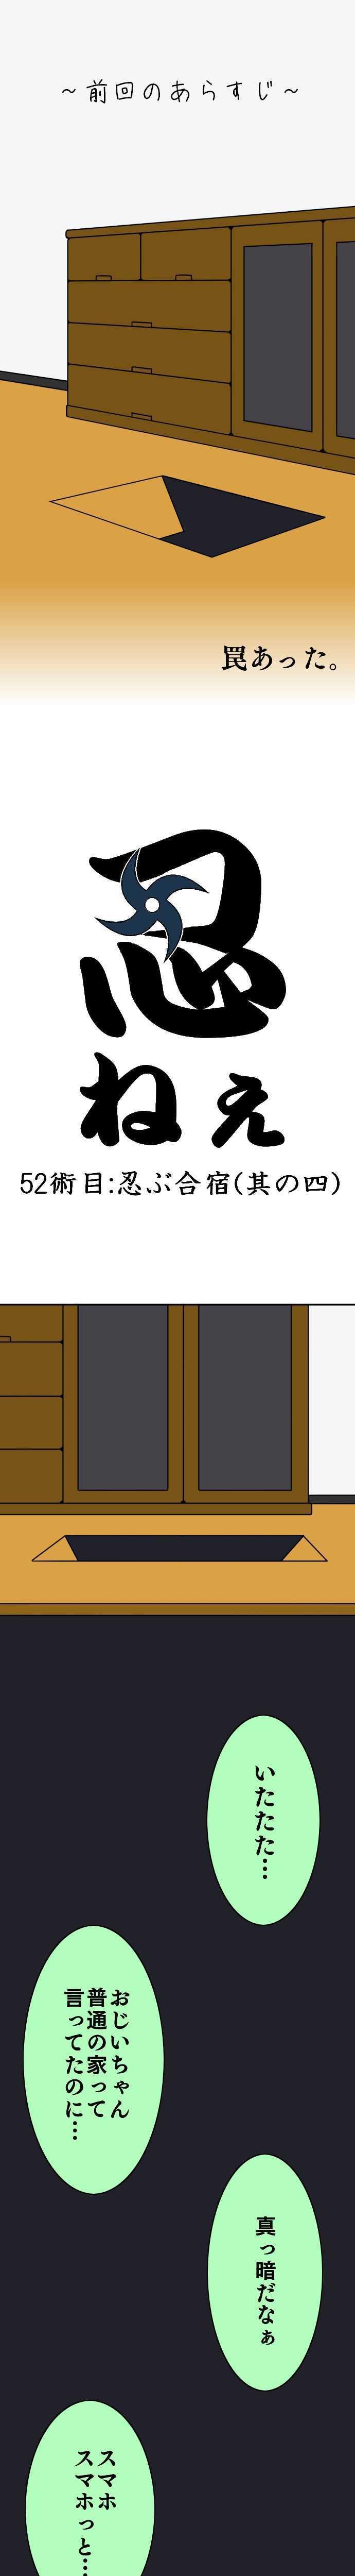 52術目:忍ぶ合宿(其の四)